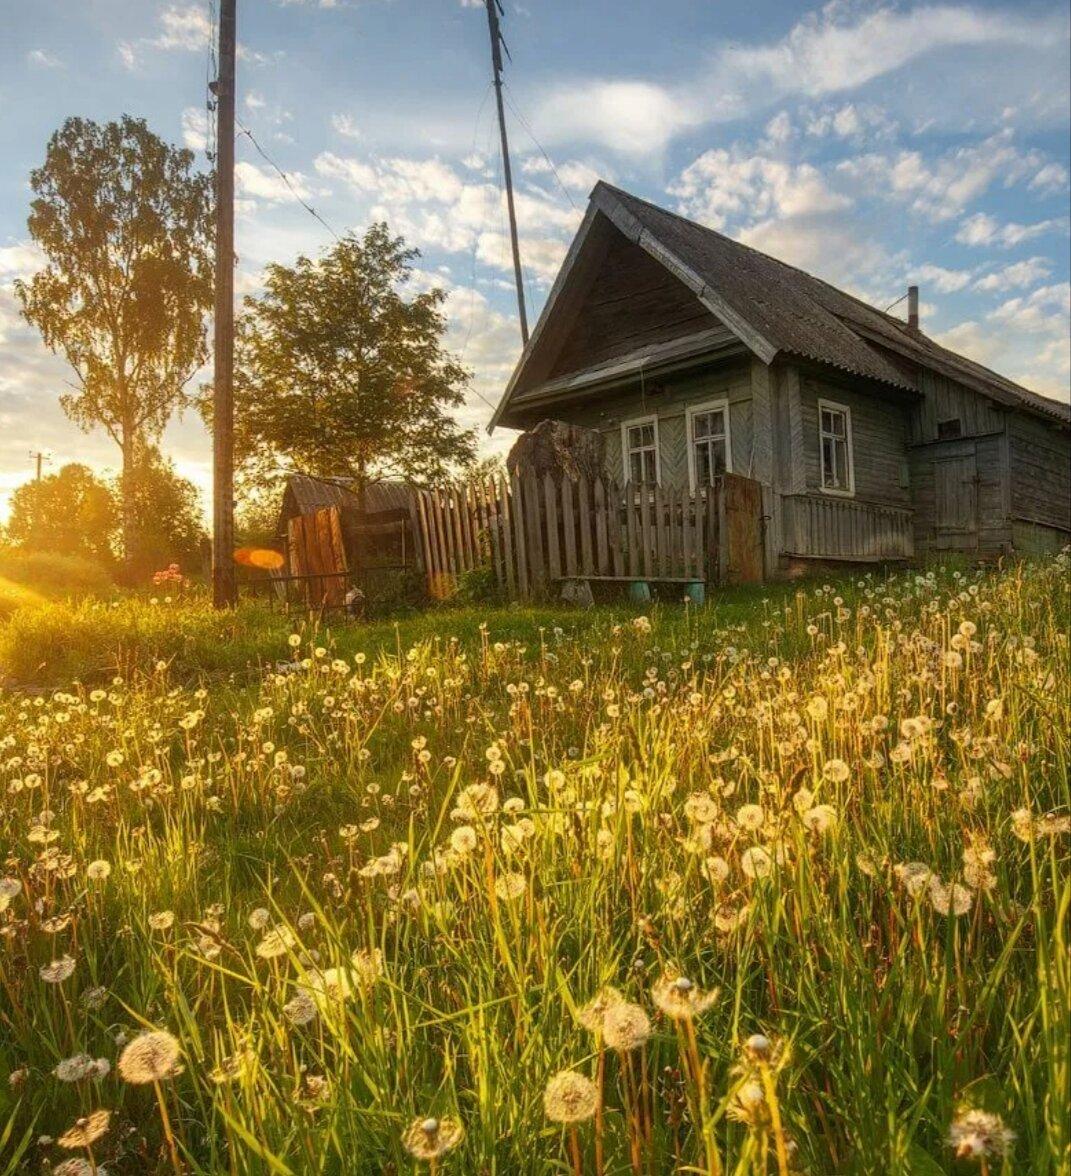 Переезд в деревню: плюсы и минусы. реальная жизнь на селе